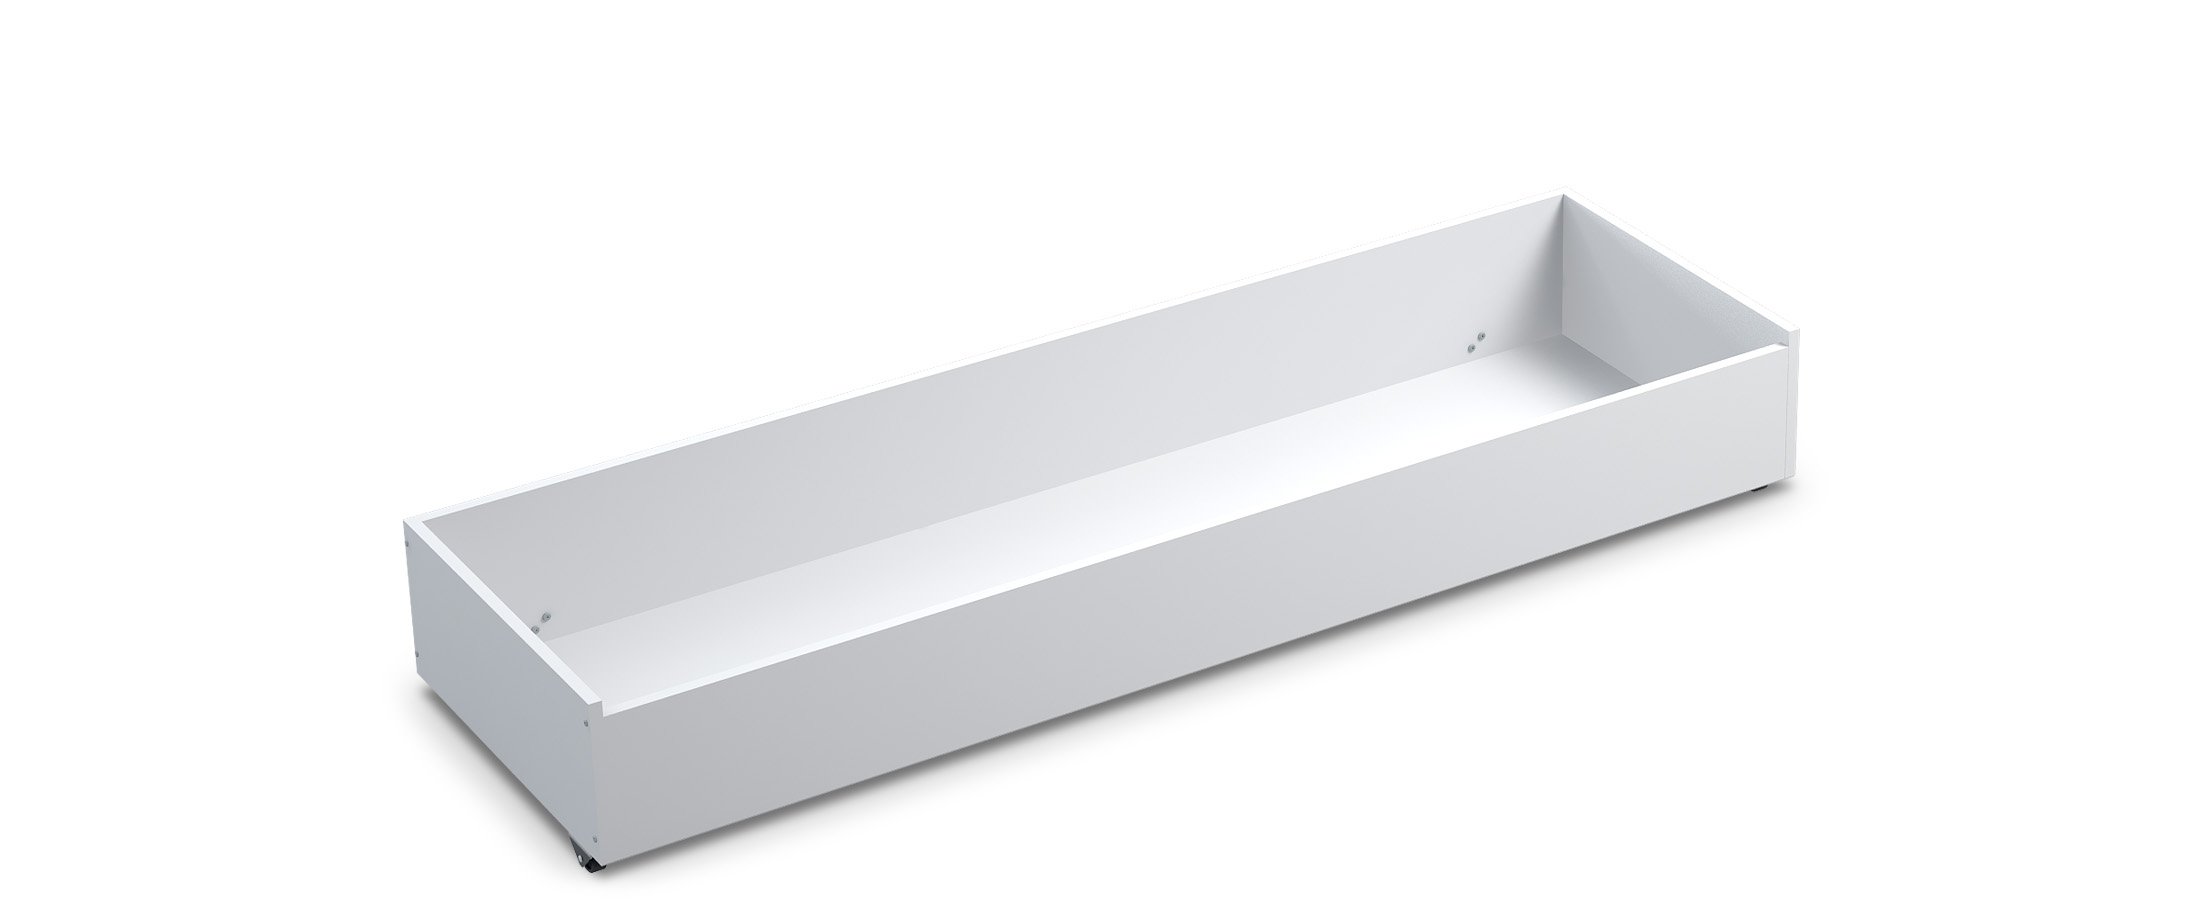 Бельевица 118 литров Модель 046Купить вместительный бельевой короб в интернет-магазине MOON TRADE. Размеры 144х47х26 см. Быстрая доставка, вынос упаковки, гарантия! Выгодная покупка!<br>